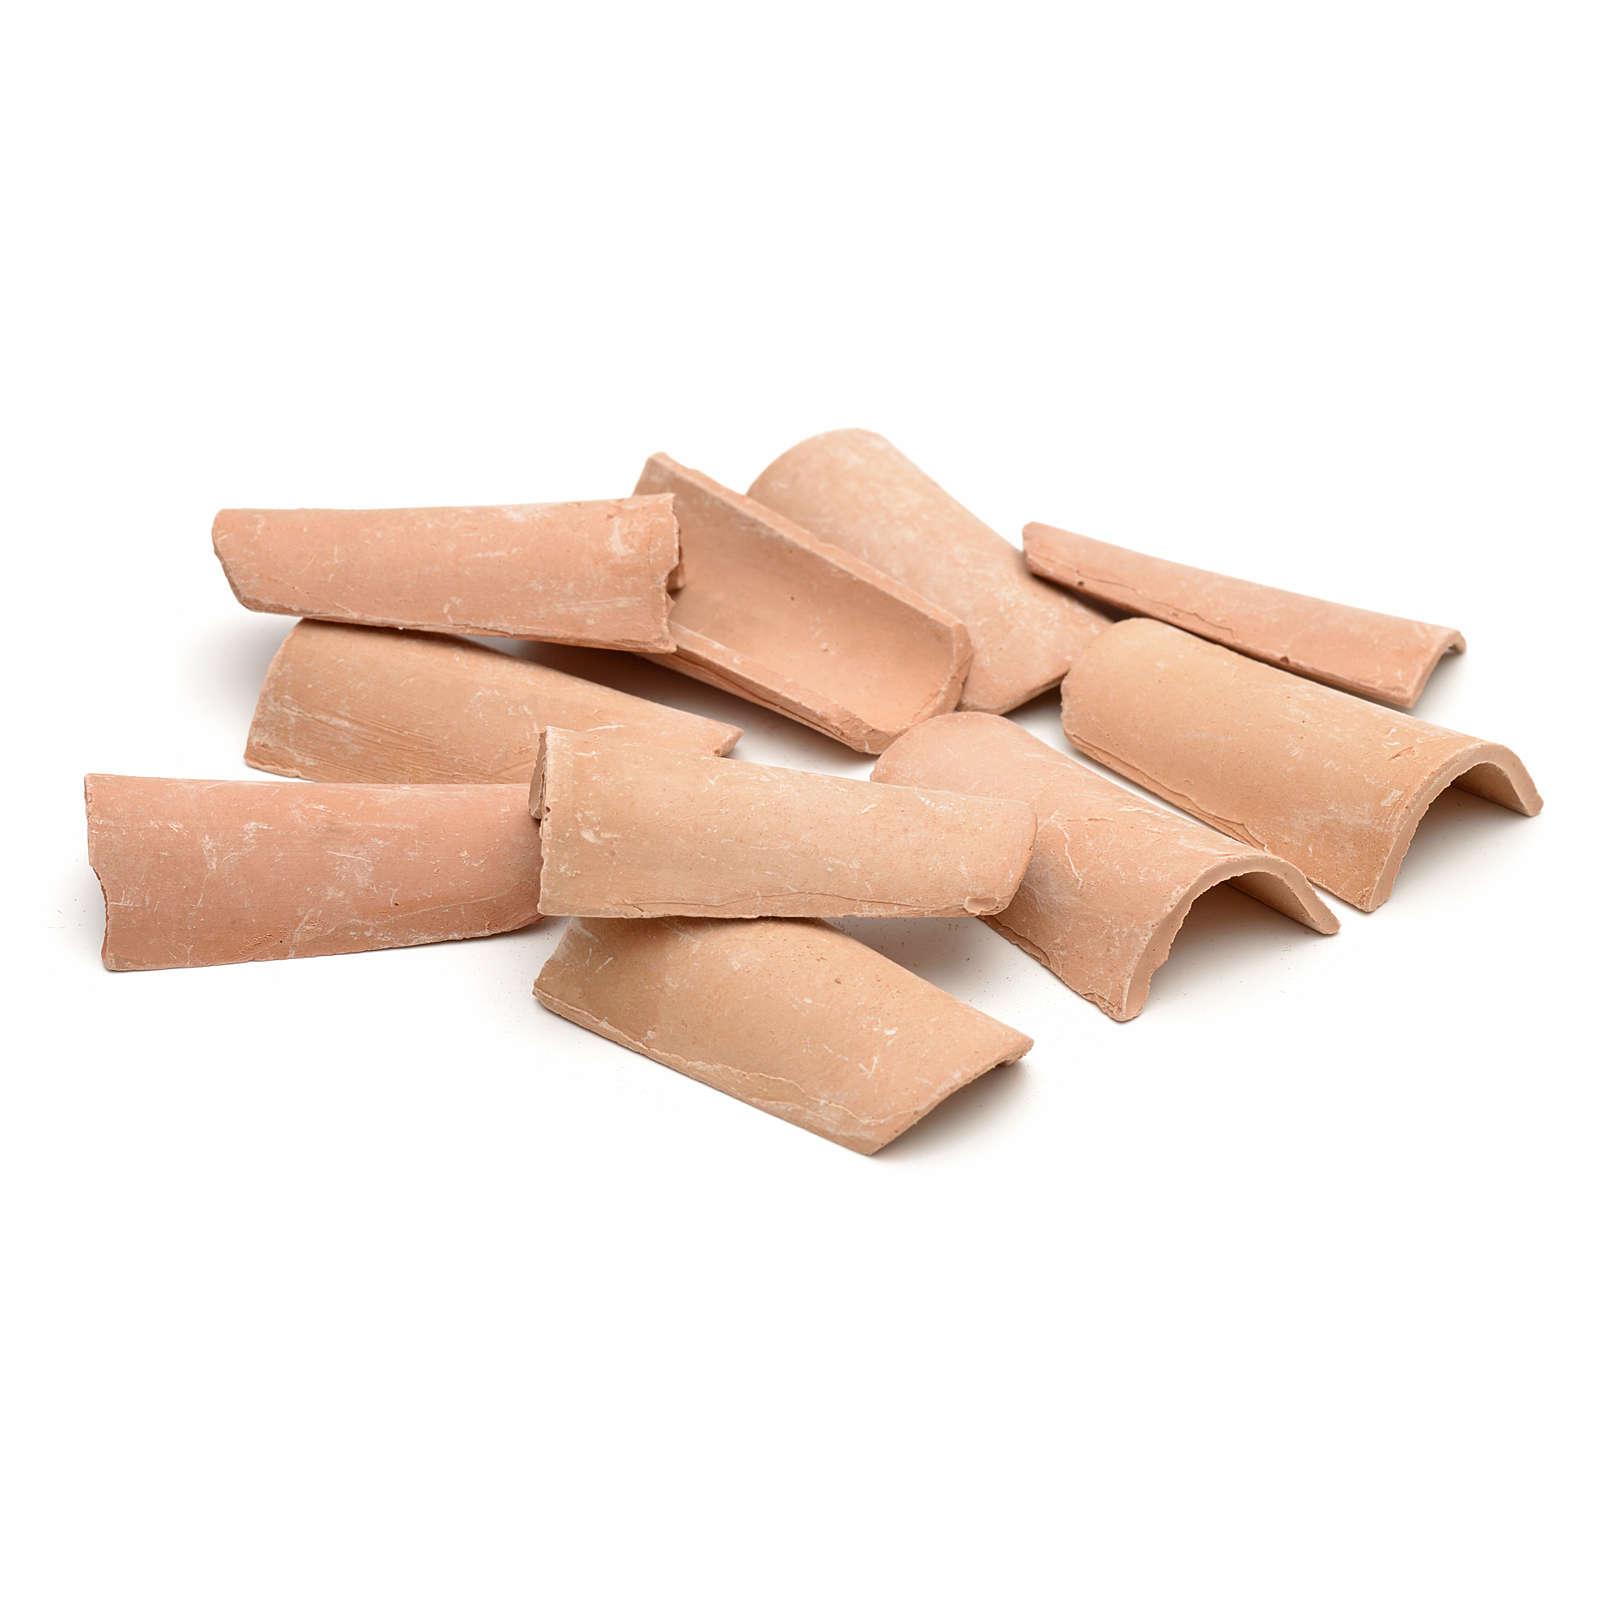 Tuiles en miniature résine 4x2 cm 4